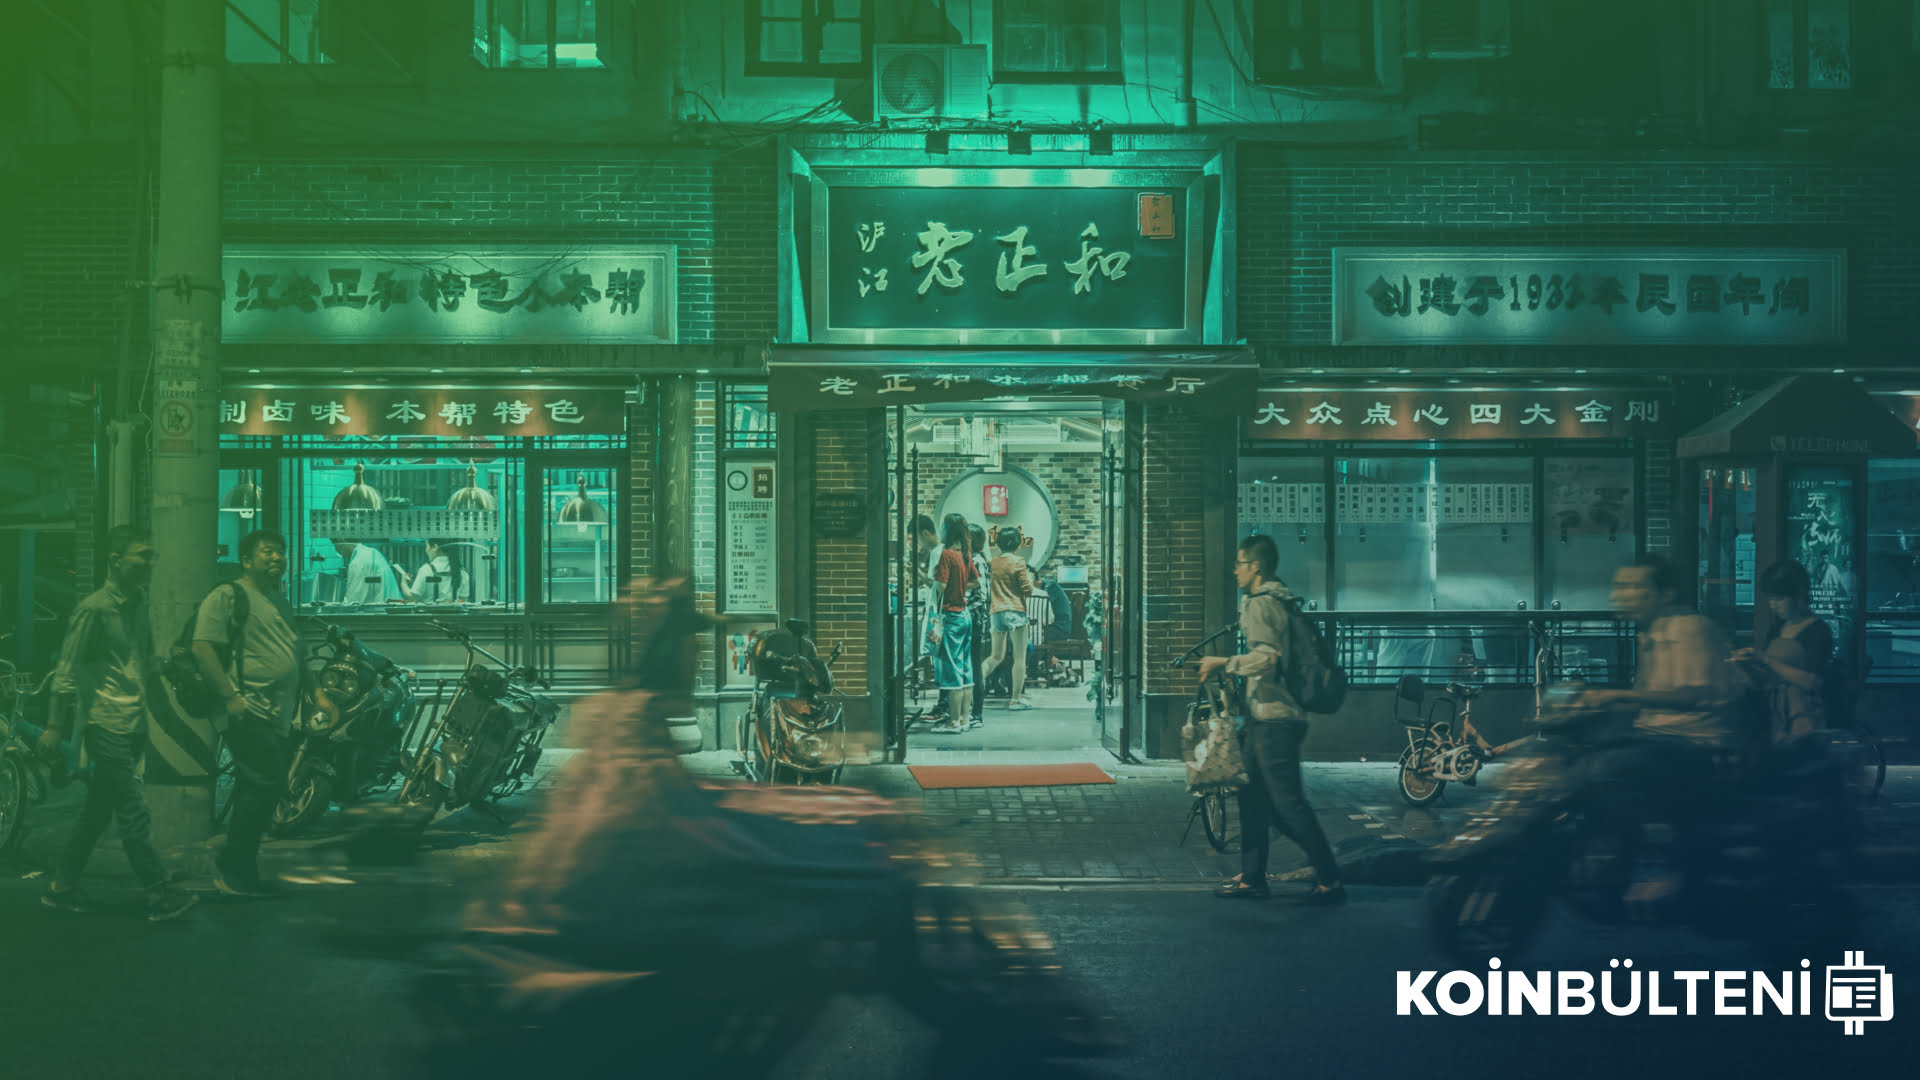 cin-kripto-para-dijital-yuan